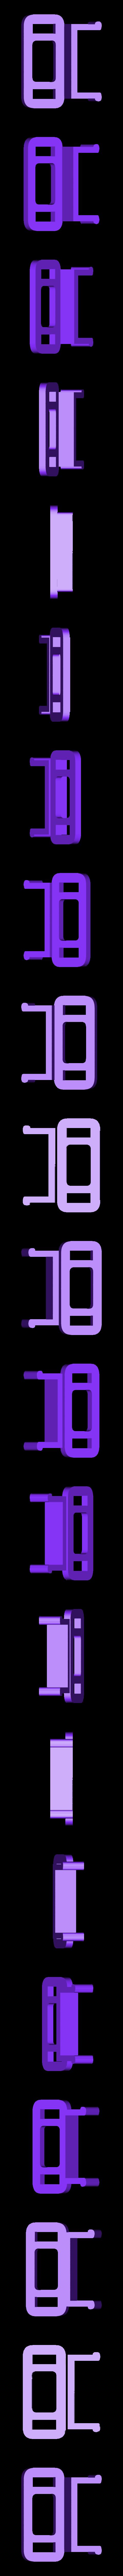 BOW-TIE-02-CLIPS.STL Descargar archivo STL gratis Lazo 02 - onda • Diseño para imprimir en 3D, Ysoft_be3D